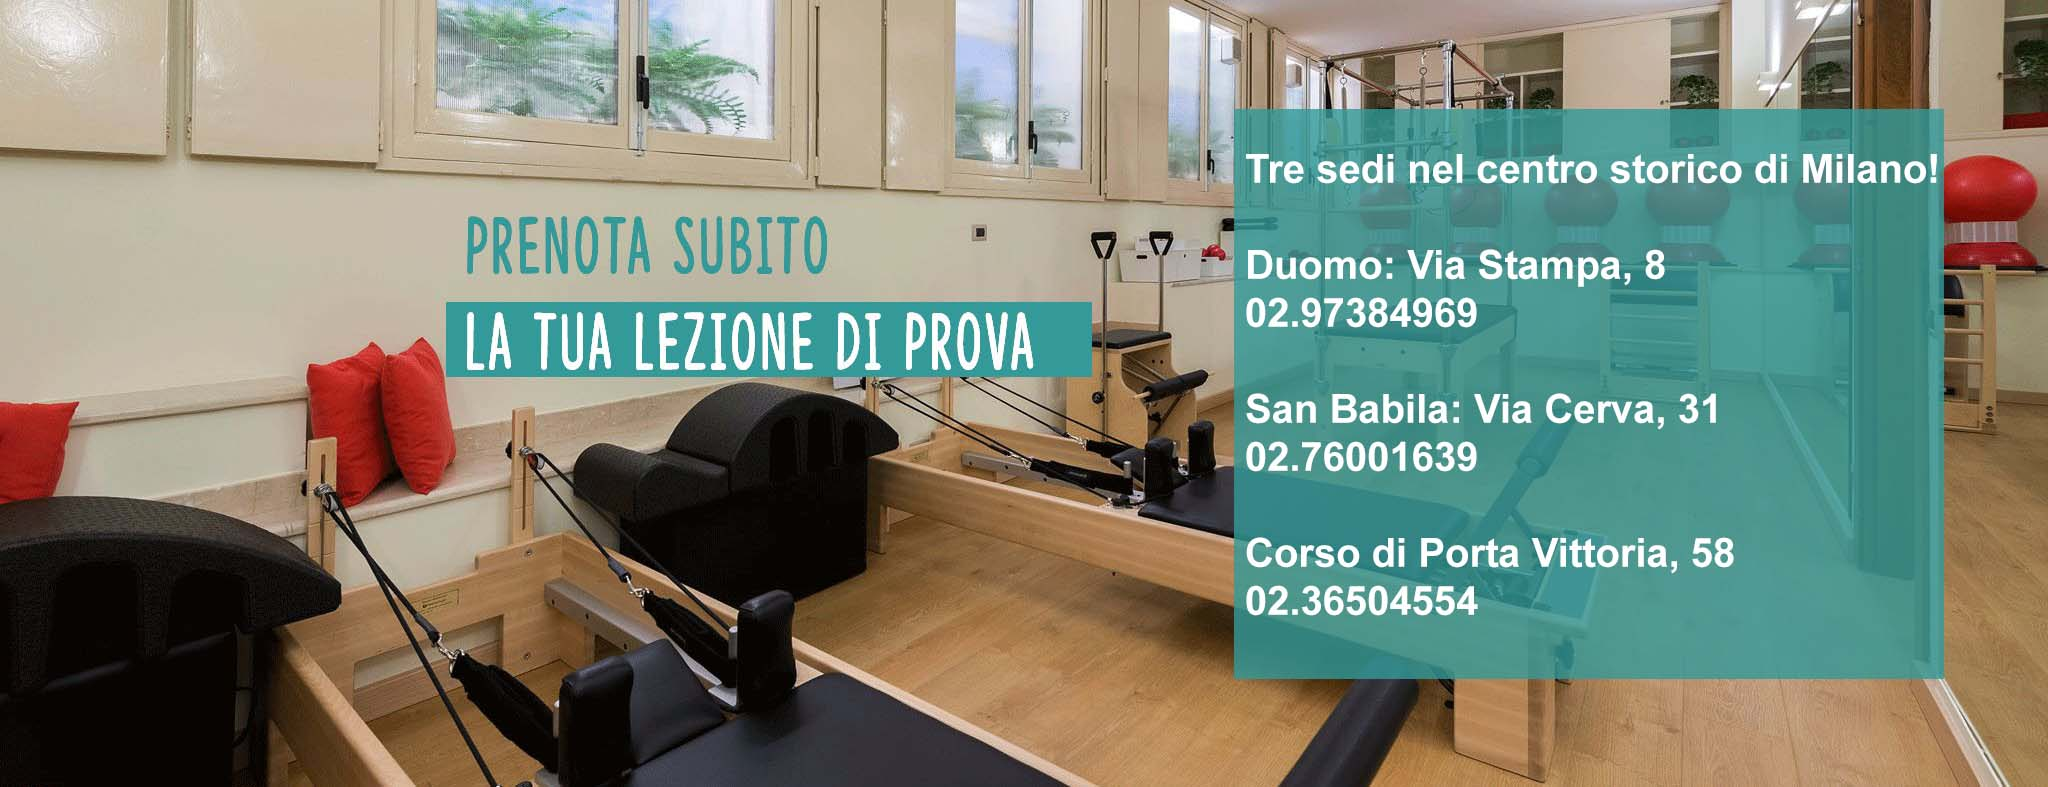 Palestra Pilates Via Procopio Milano - Prenota subito la tua lezione di prova